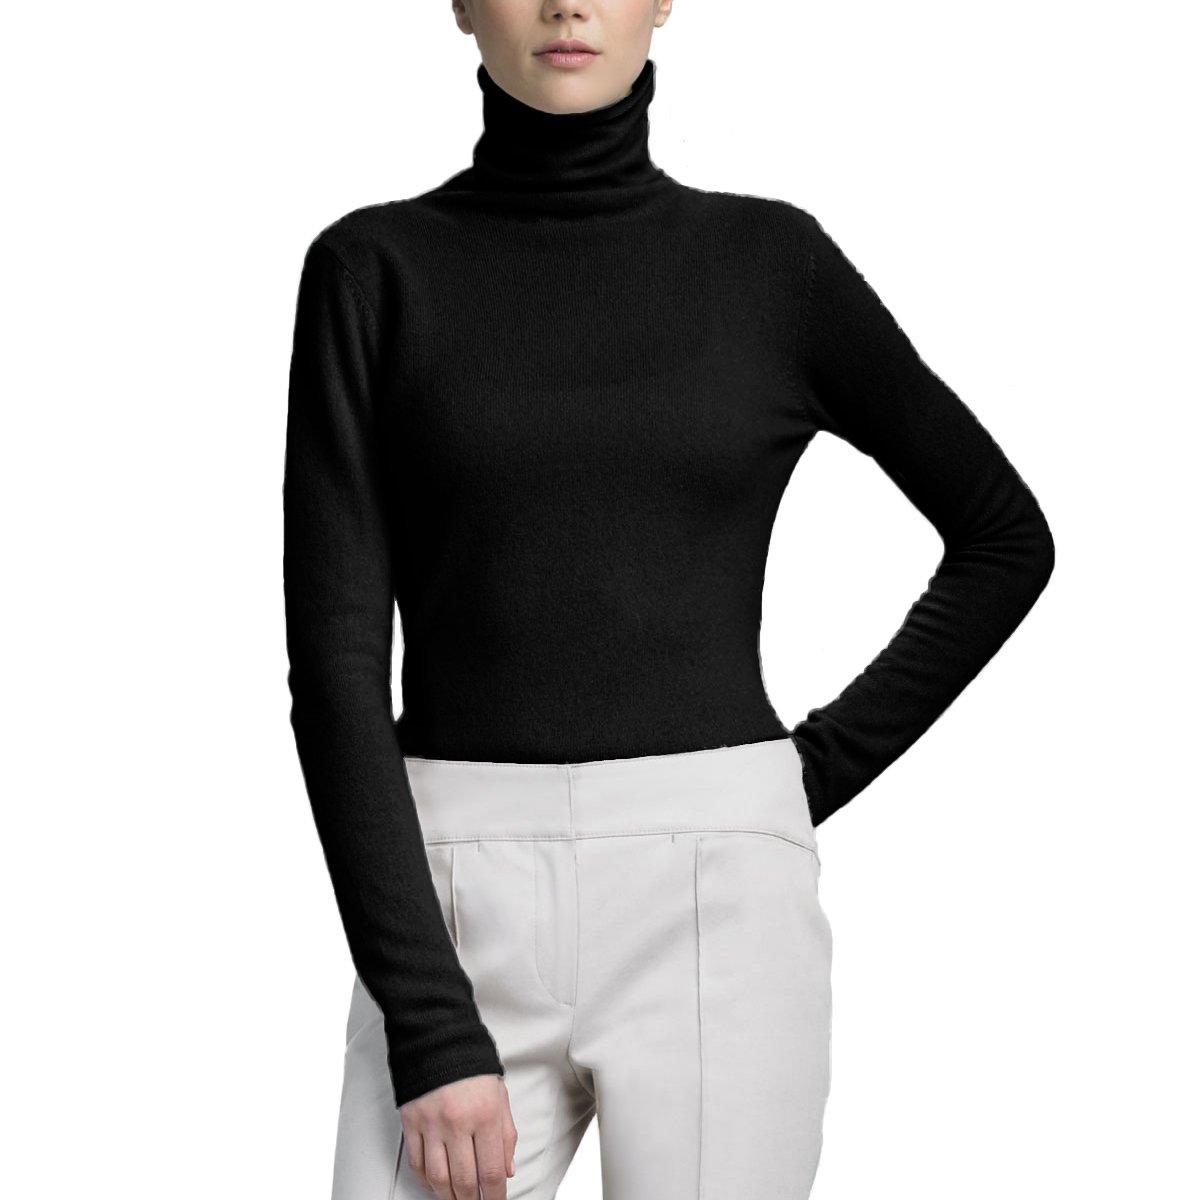 Parisbonbon Women's 100% Cashmere Turtleneck Tops Sweater Color Black Size 2XS